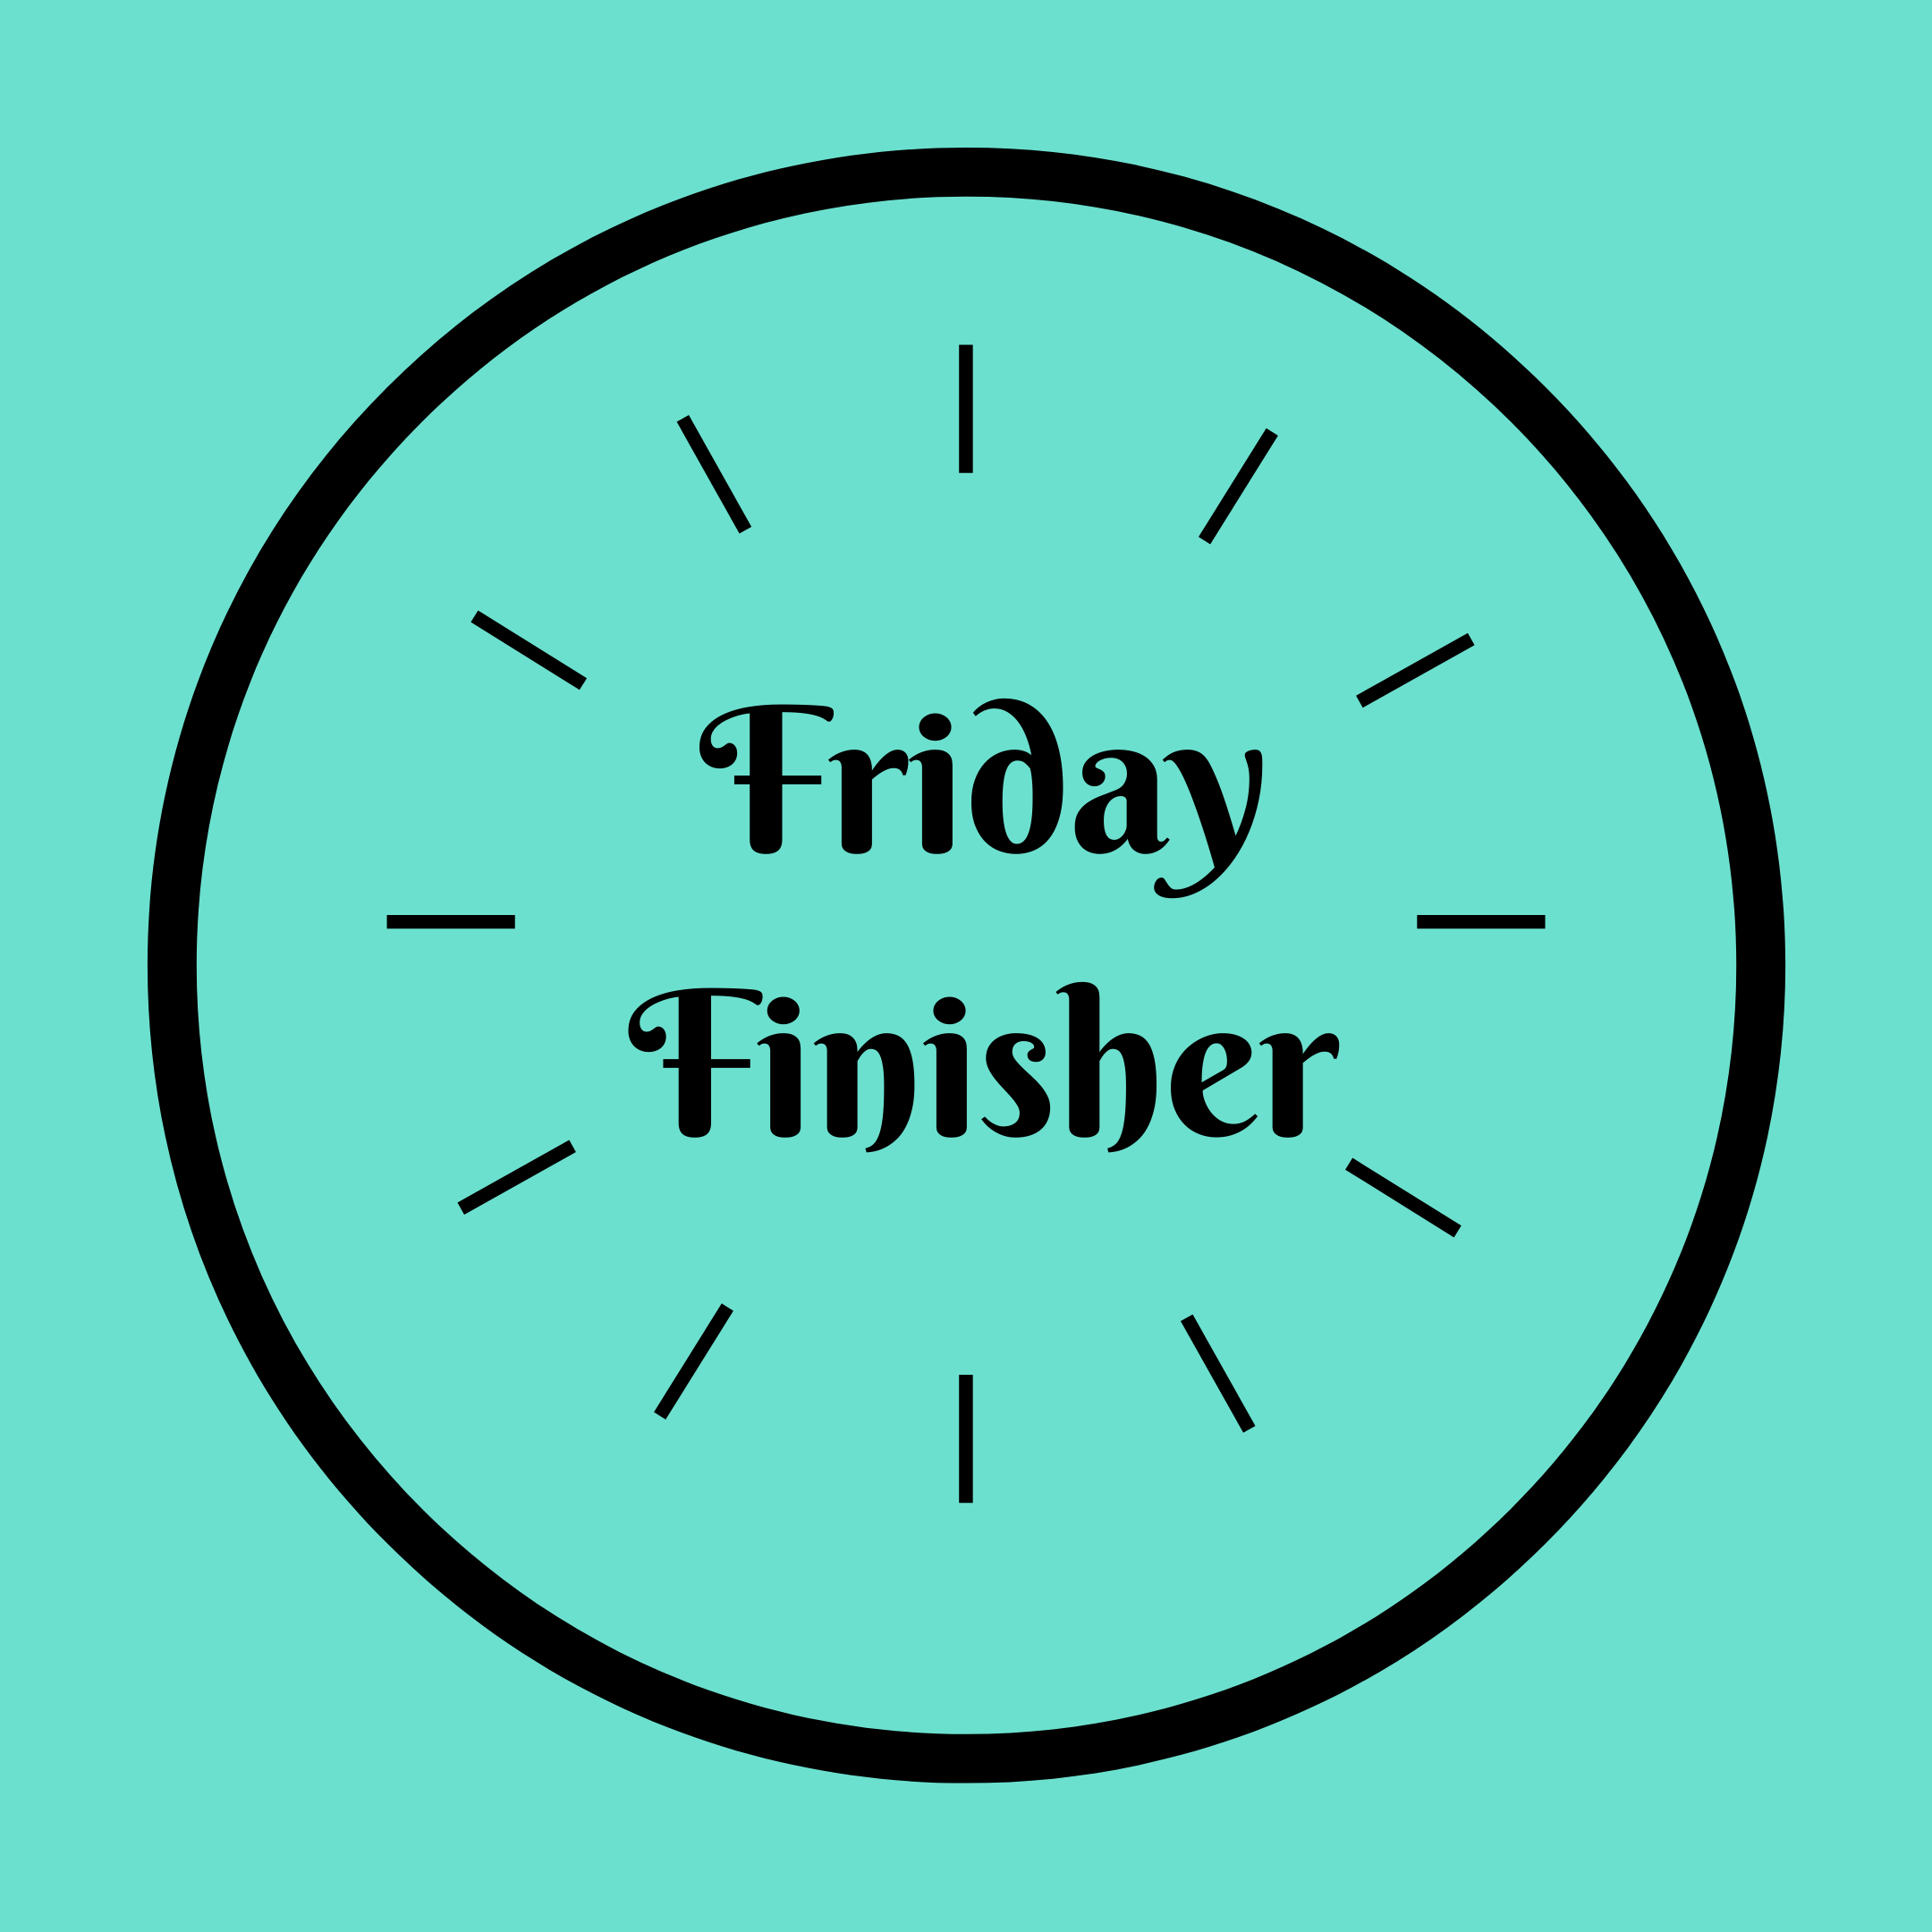 Friday Finisher 6am